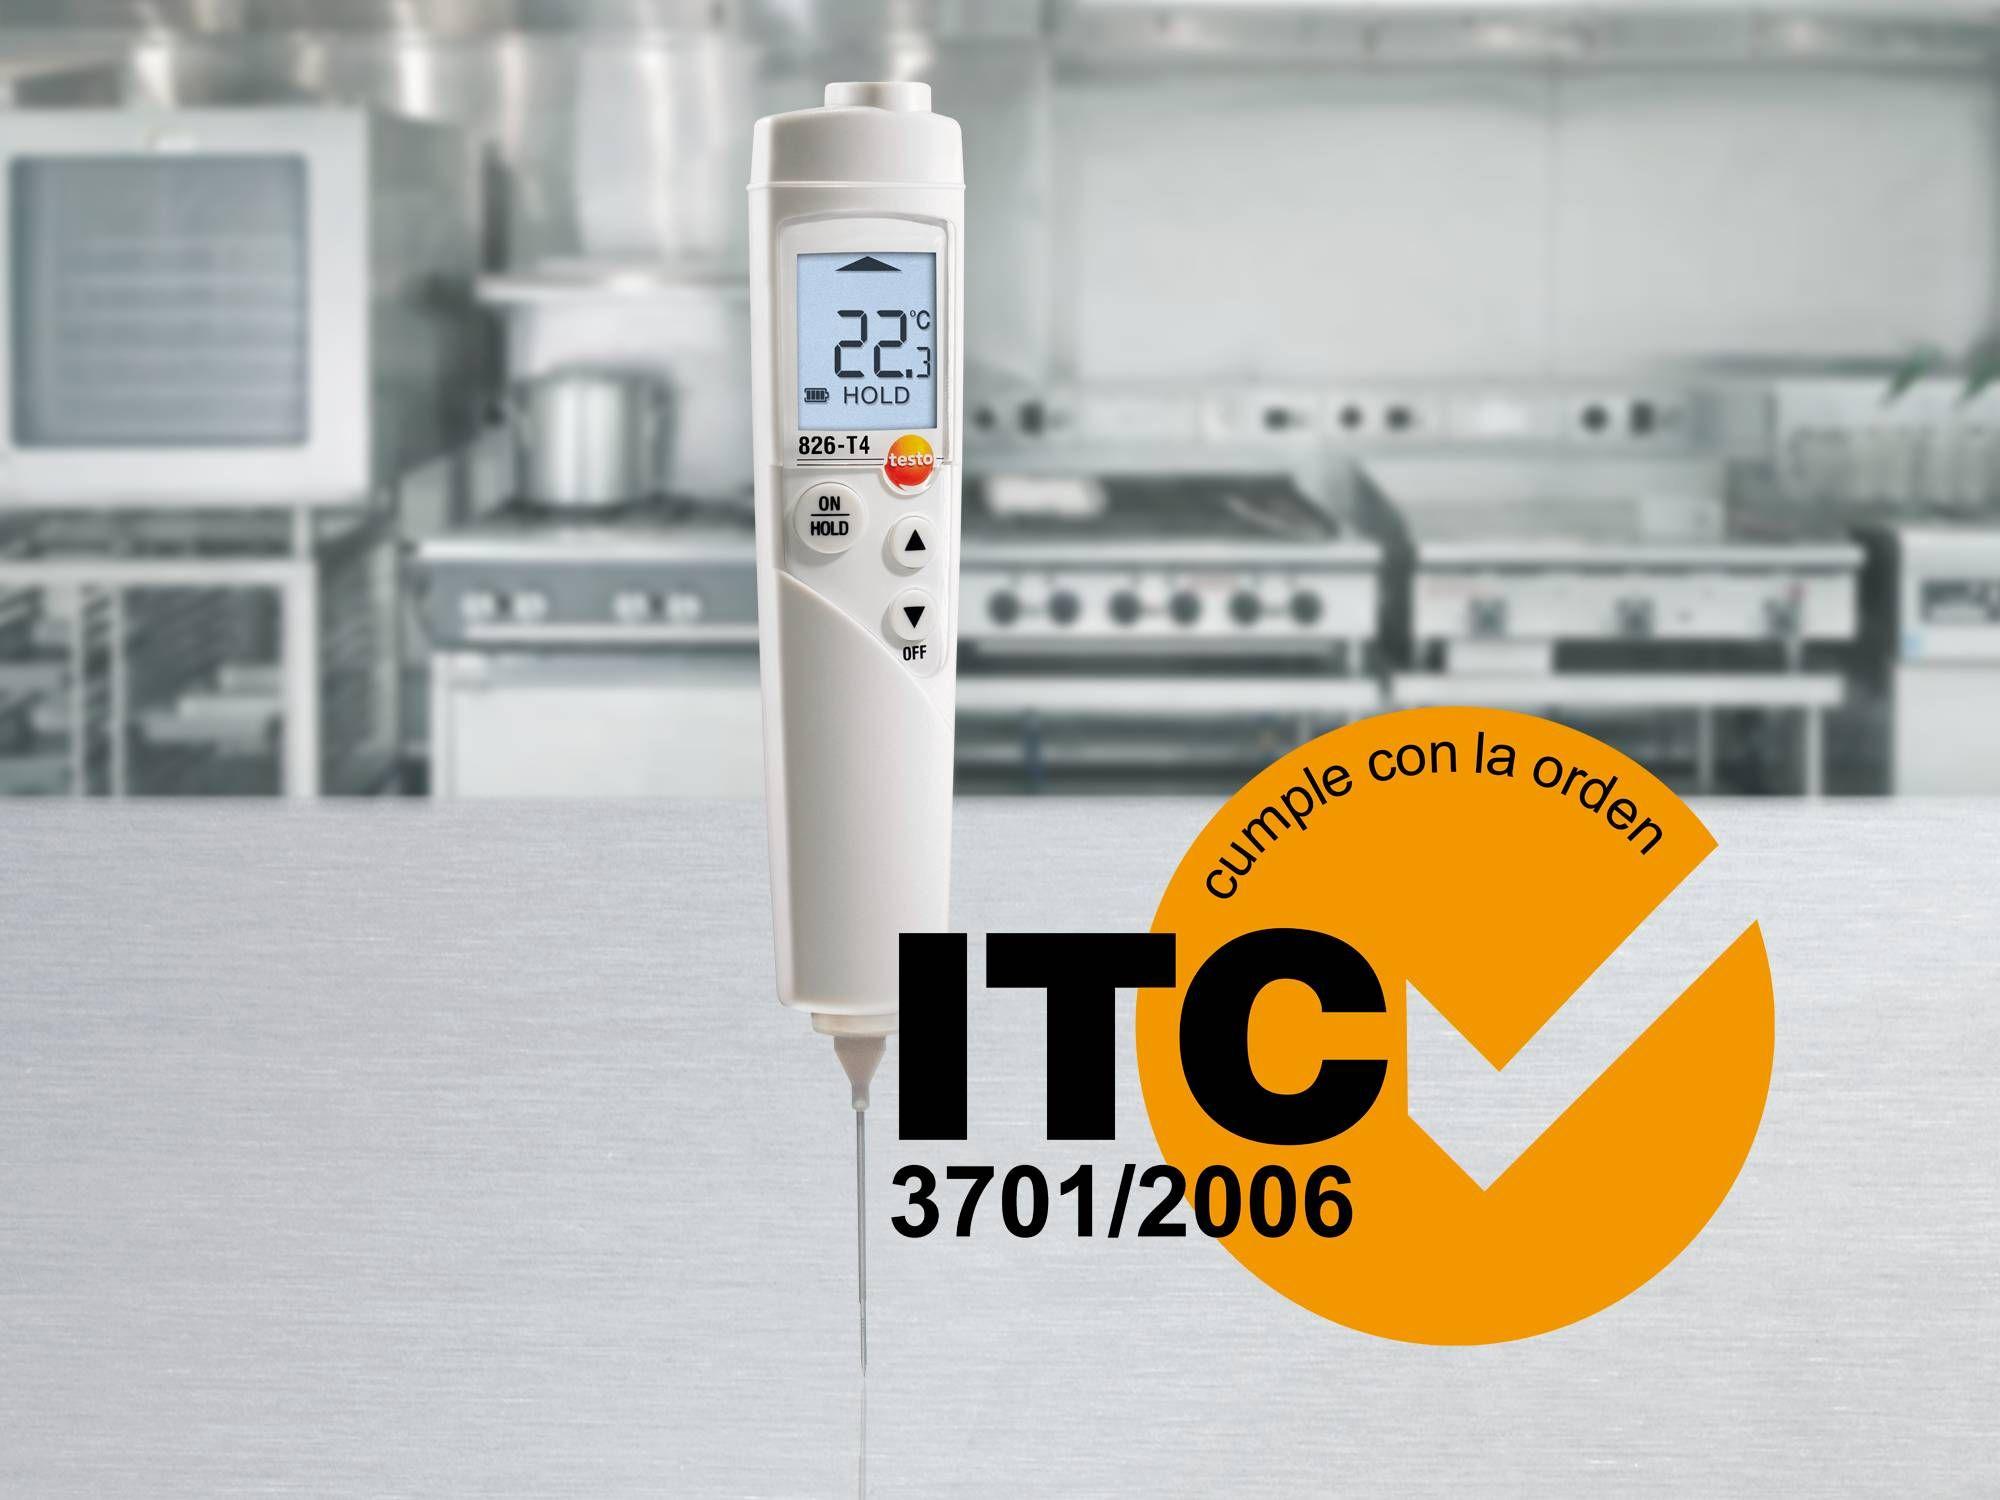 El testo 826-T4 cumple con la ITC